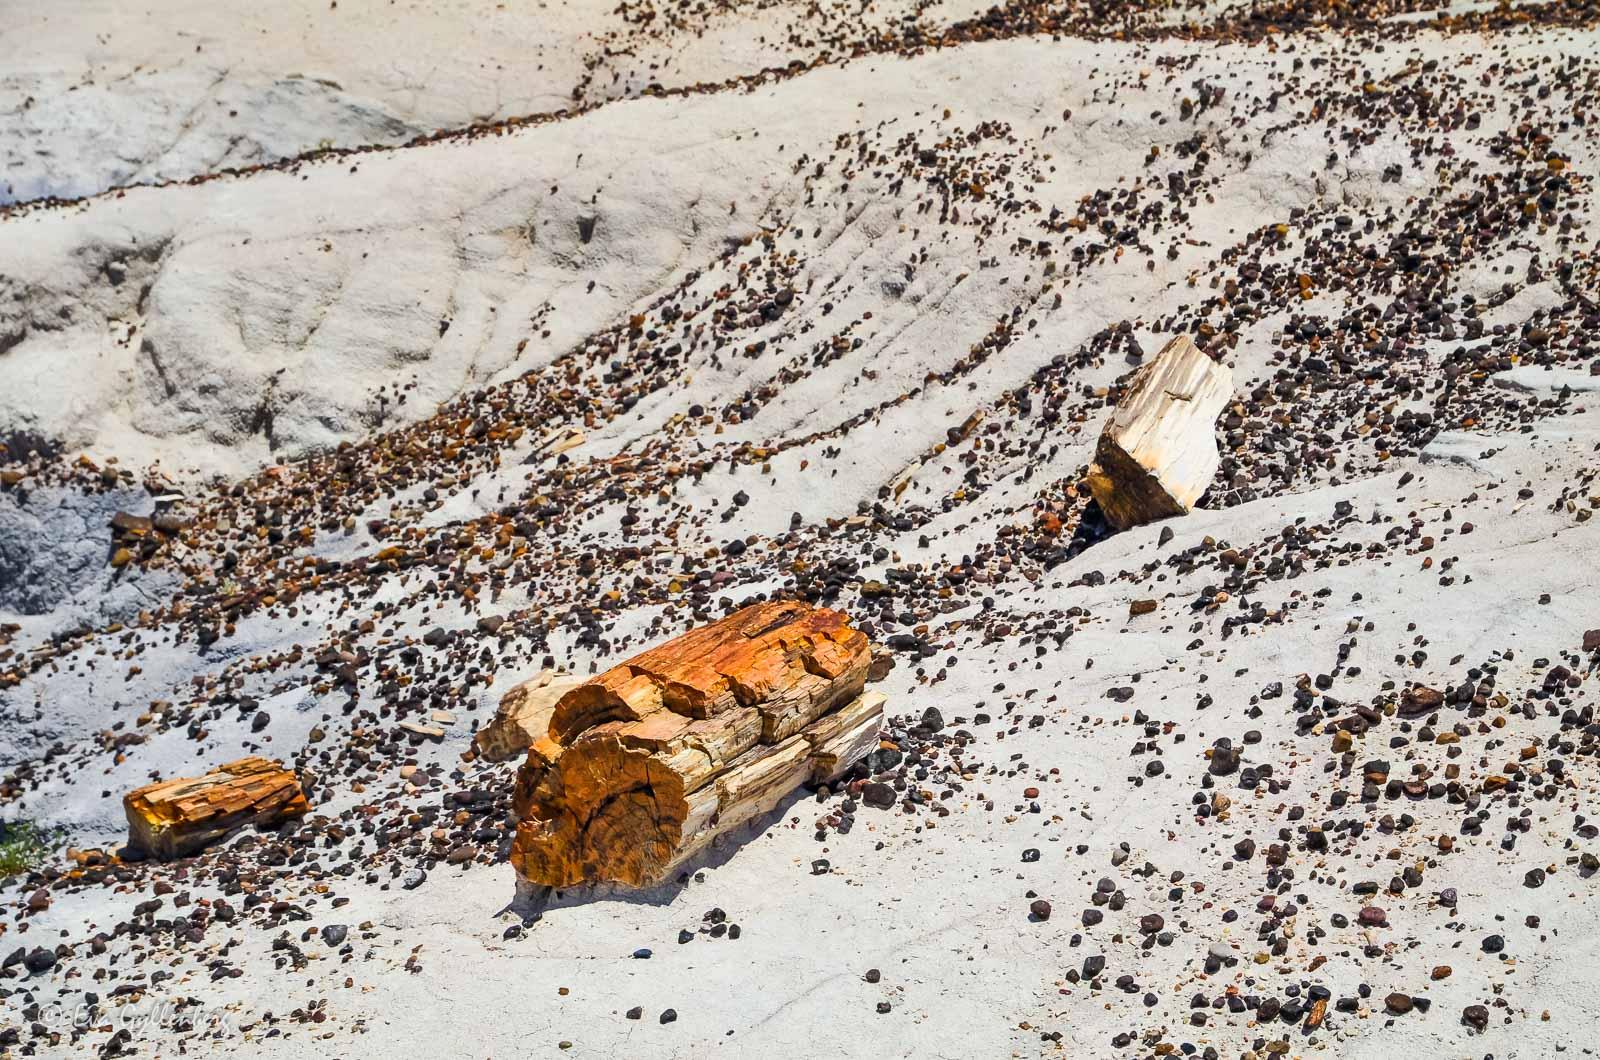 Förstelnat trä i Petrified Forest